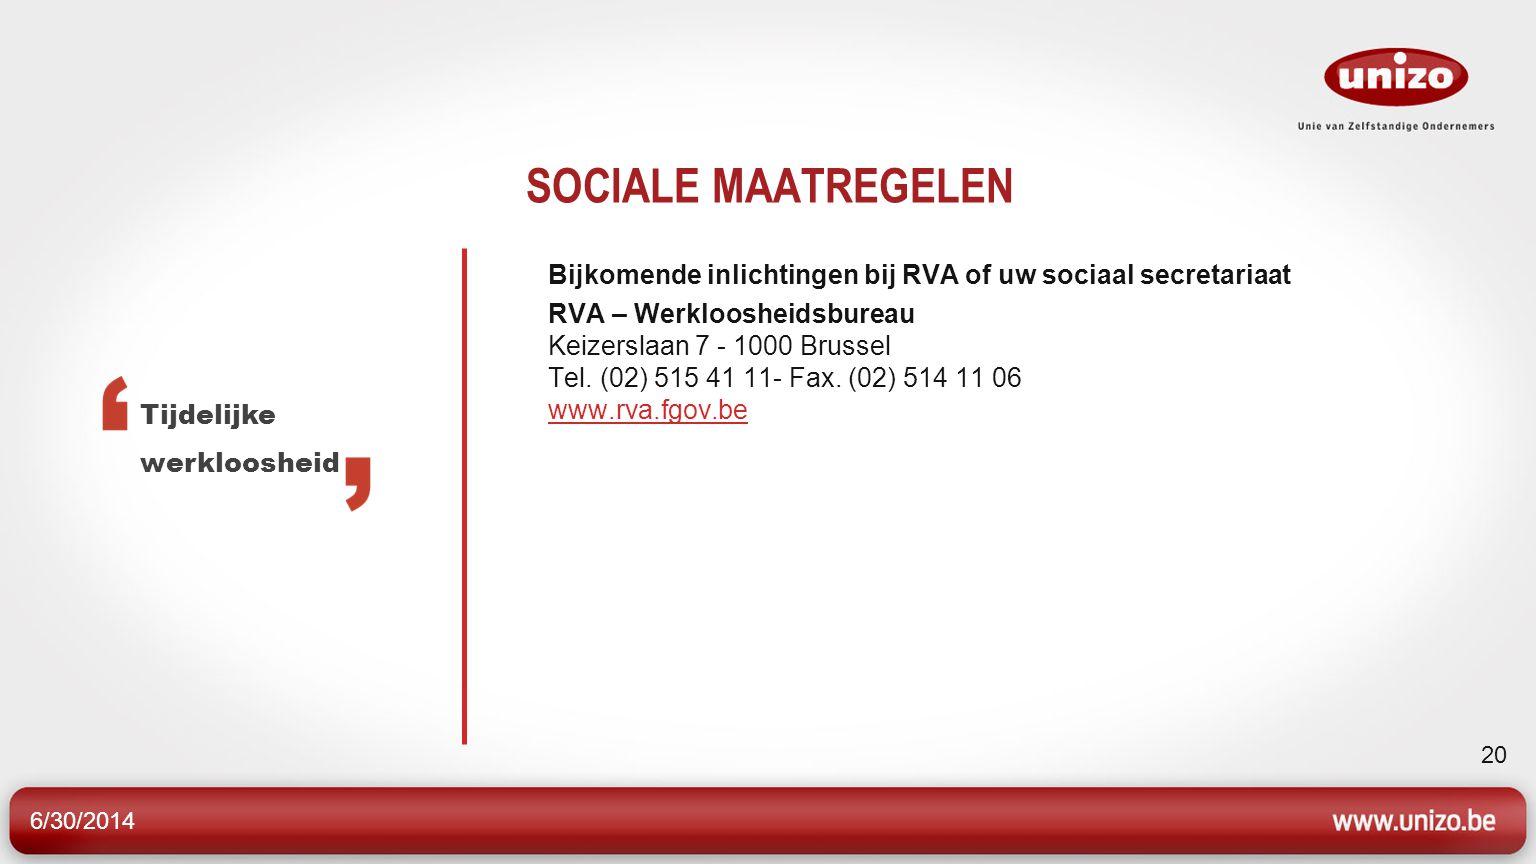 6/30/2014 20 SOCIALE MAATREGELEN Bijkomende inlichtingen bij RVA of uw sociaal secretariaat RVA – Werkloosheidsbureau Keizerslaan 7 - 1000 Brussel Tel.